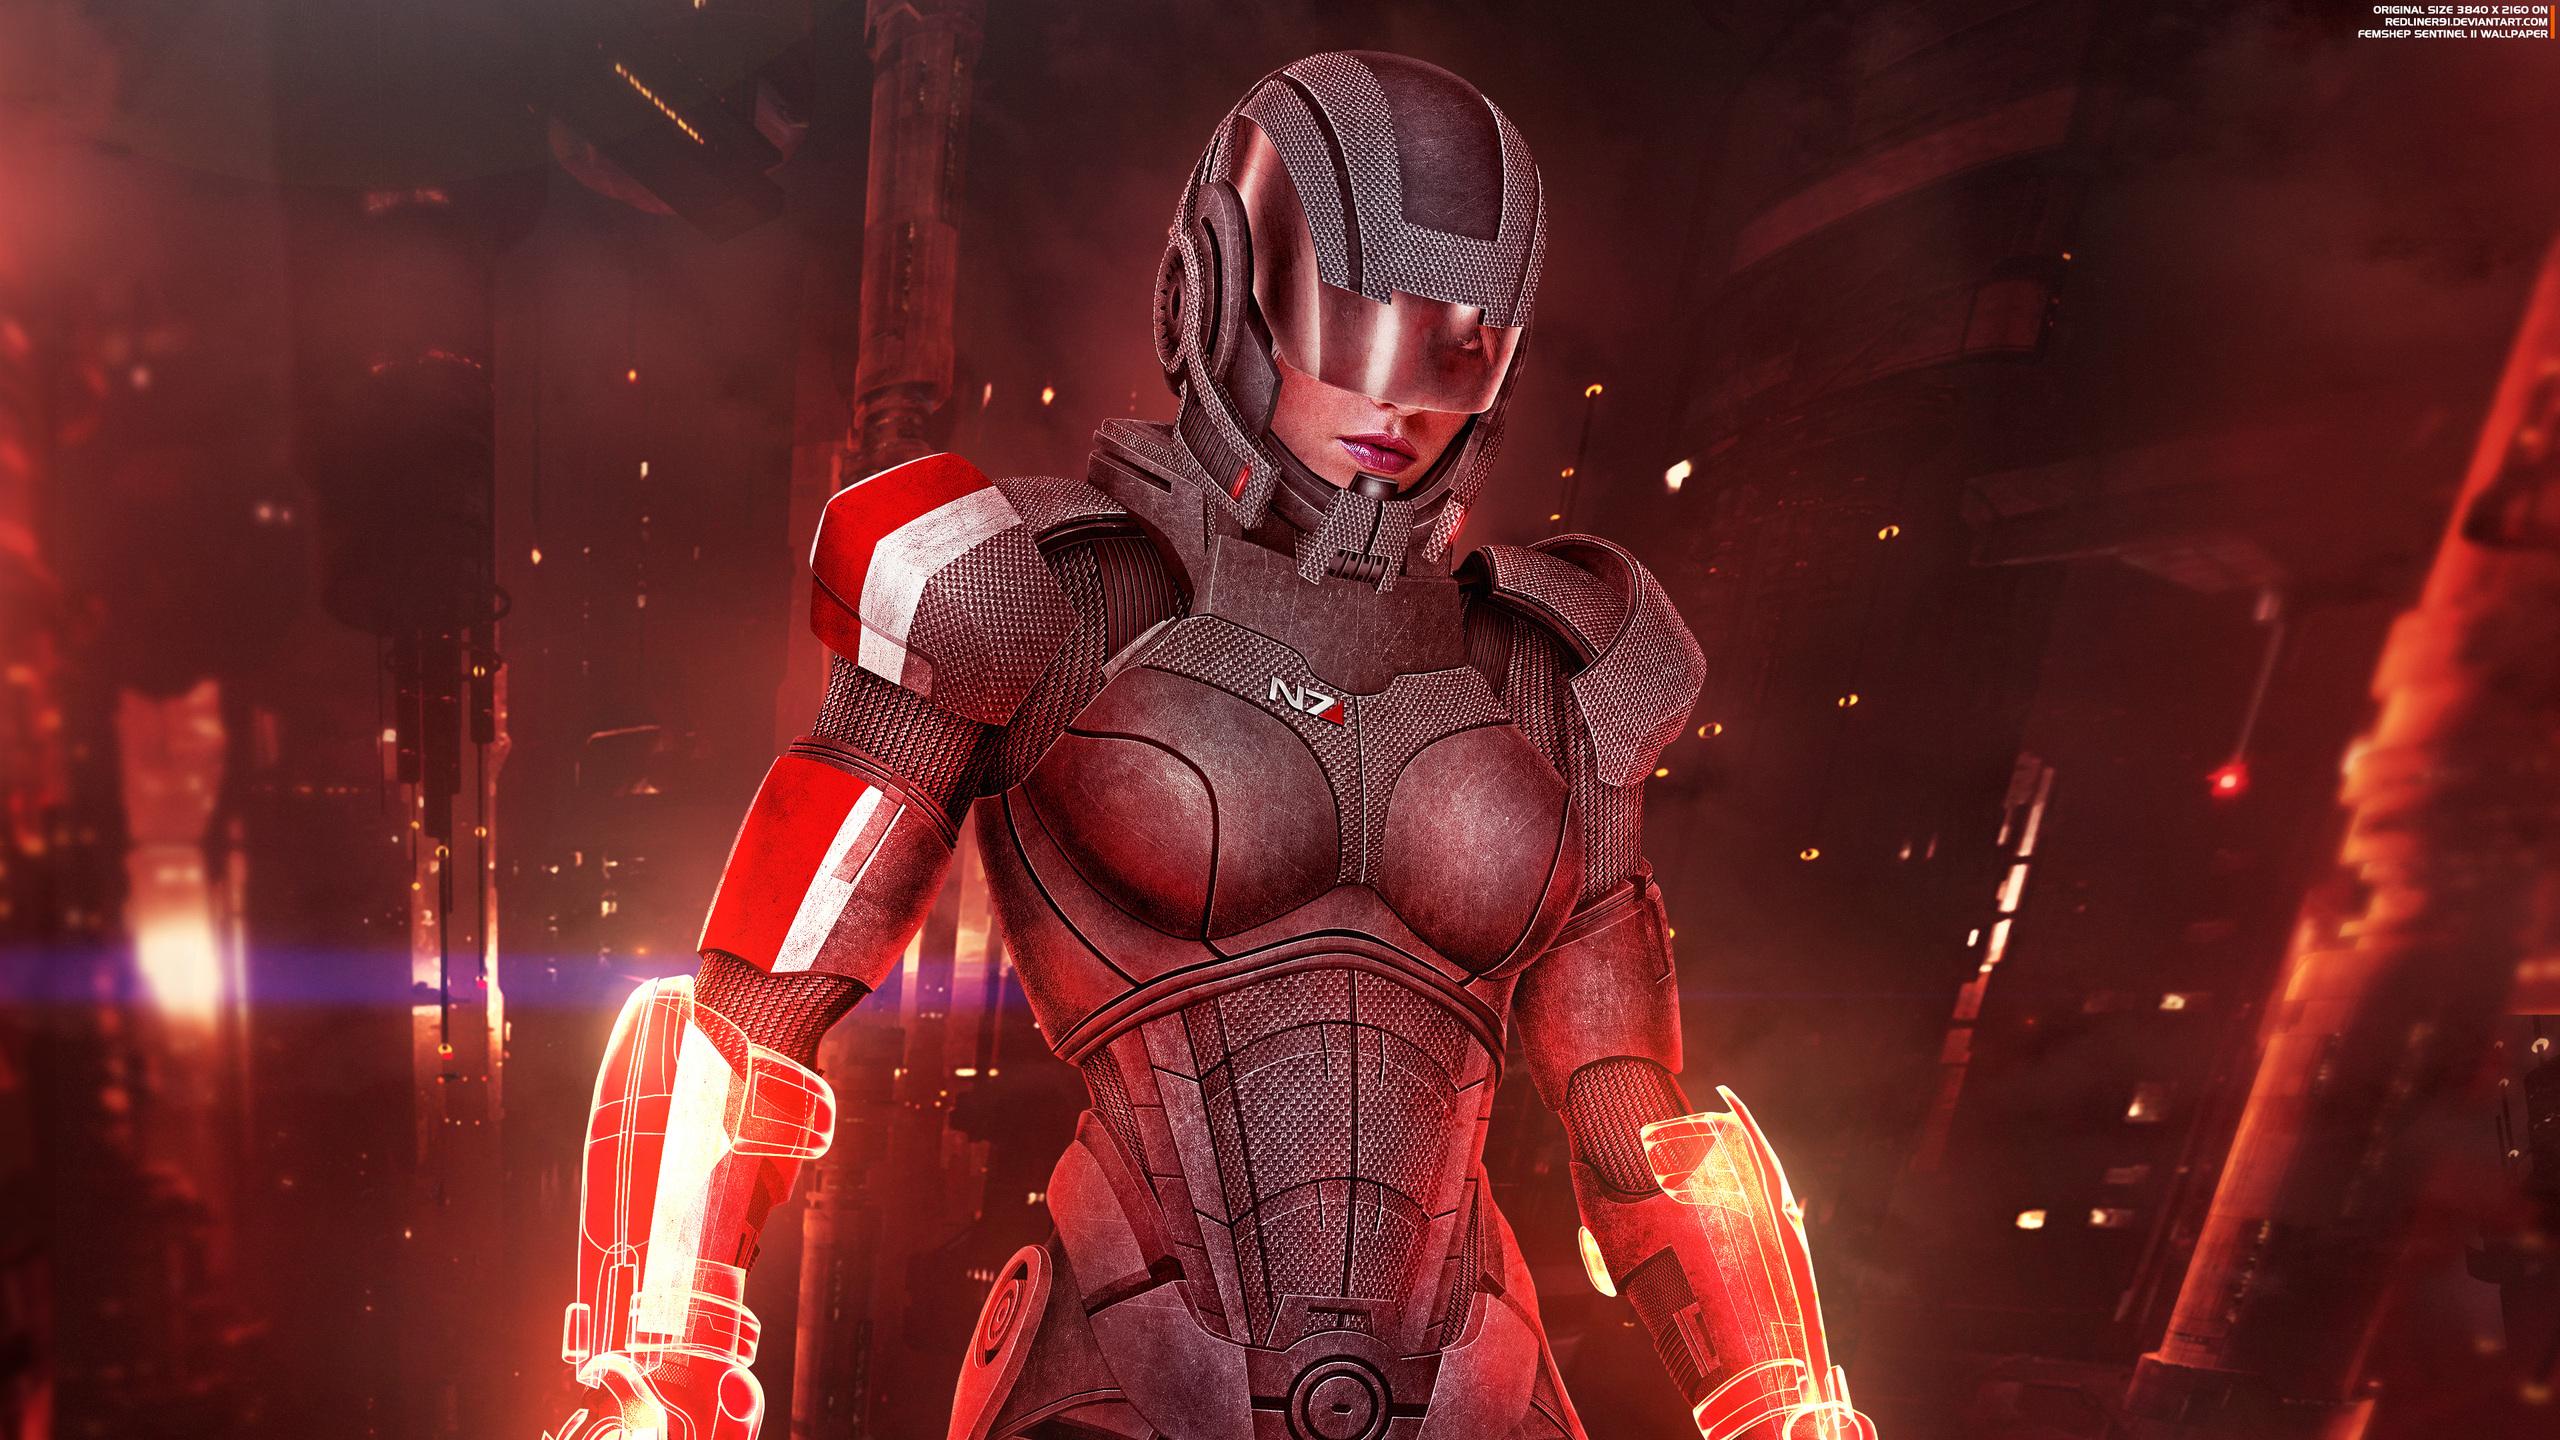 2560x1440 Mass Effect 3 Shepard Femshep 1440p Resolution Hd 4k